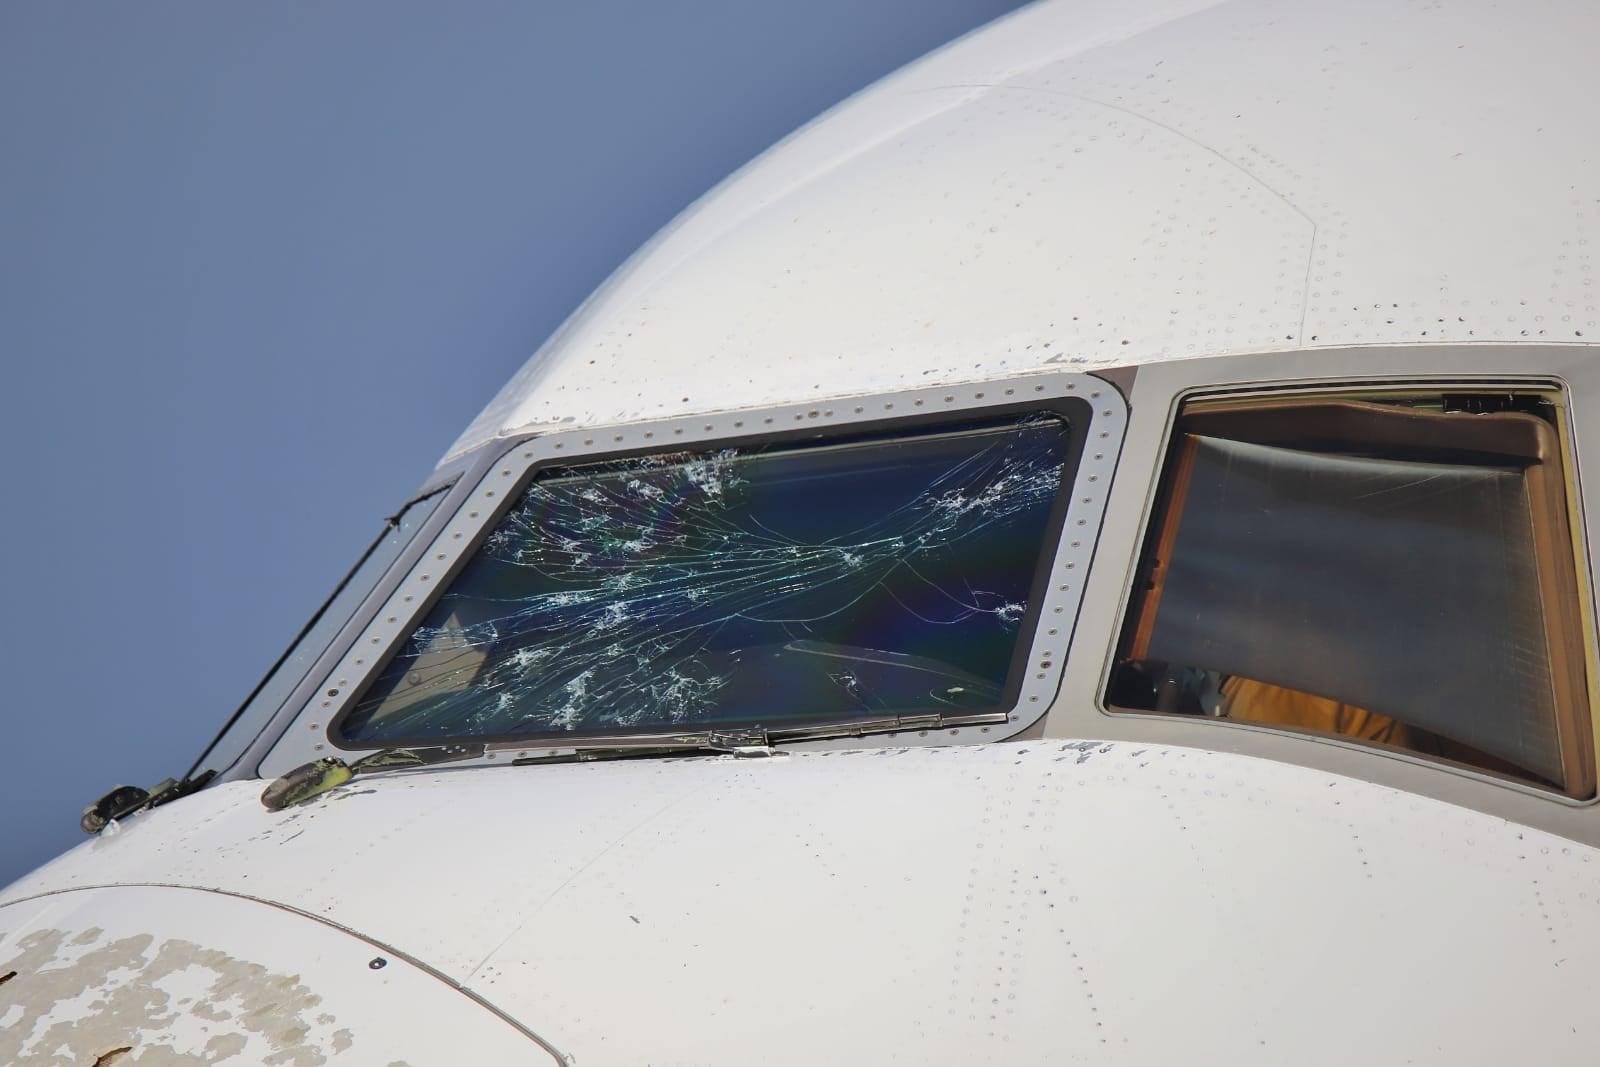 وضعیت هواپیمای بوئینگ اماراتی پس از خروج از تگرگ! + عکس